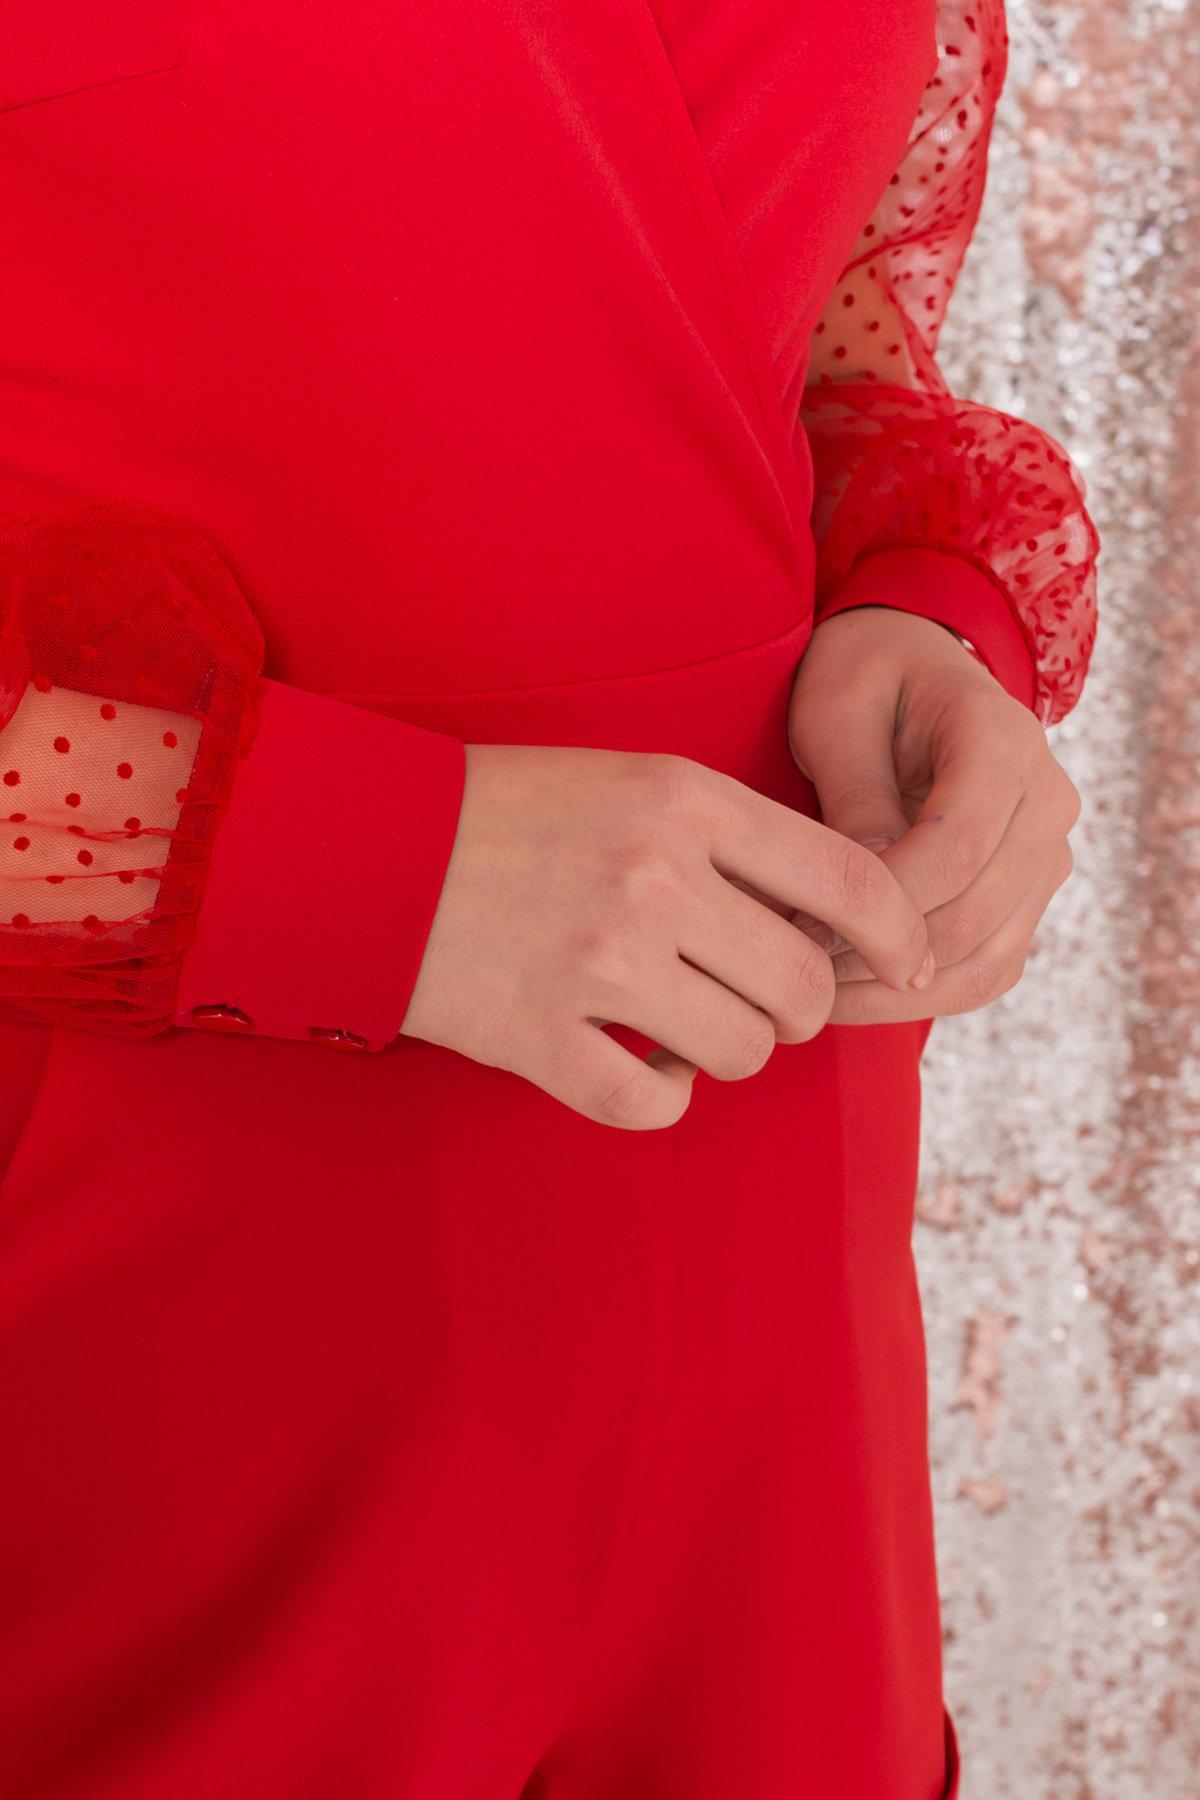 Стильный красный комбинезон с шортами Набель 8565 АРТ. 44880 Цвет: Красный - фото 8, интернет магазин tm-modus.ru